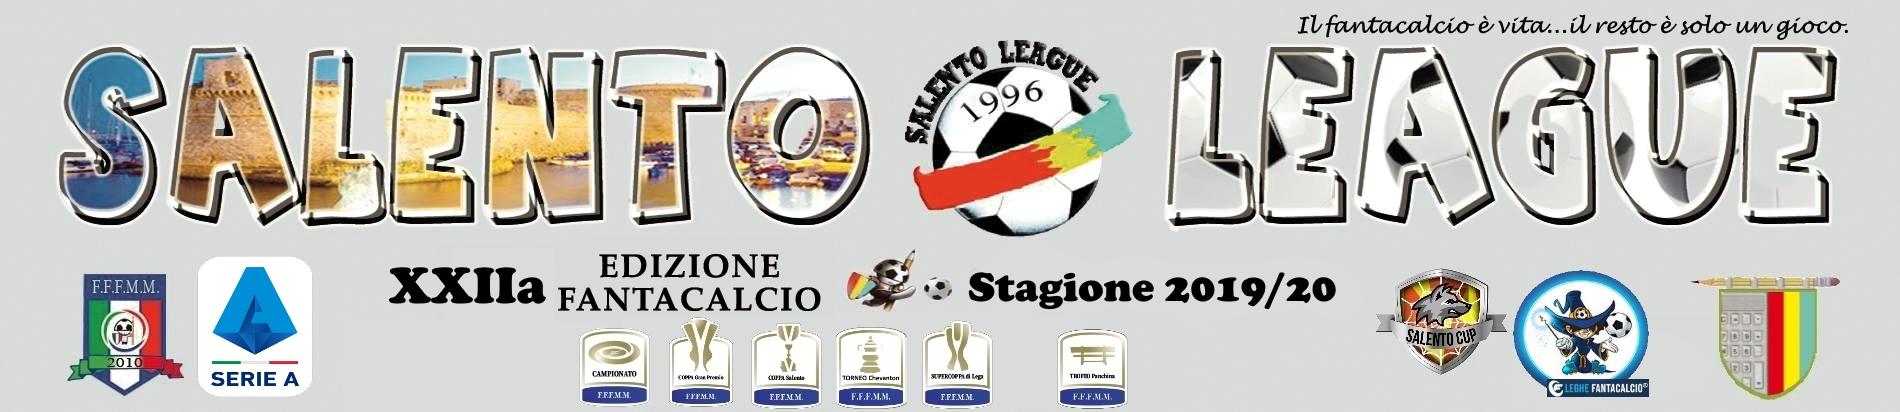 banner_salentoleague 19-20